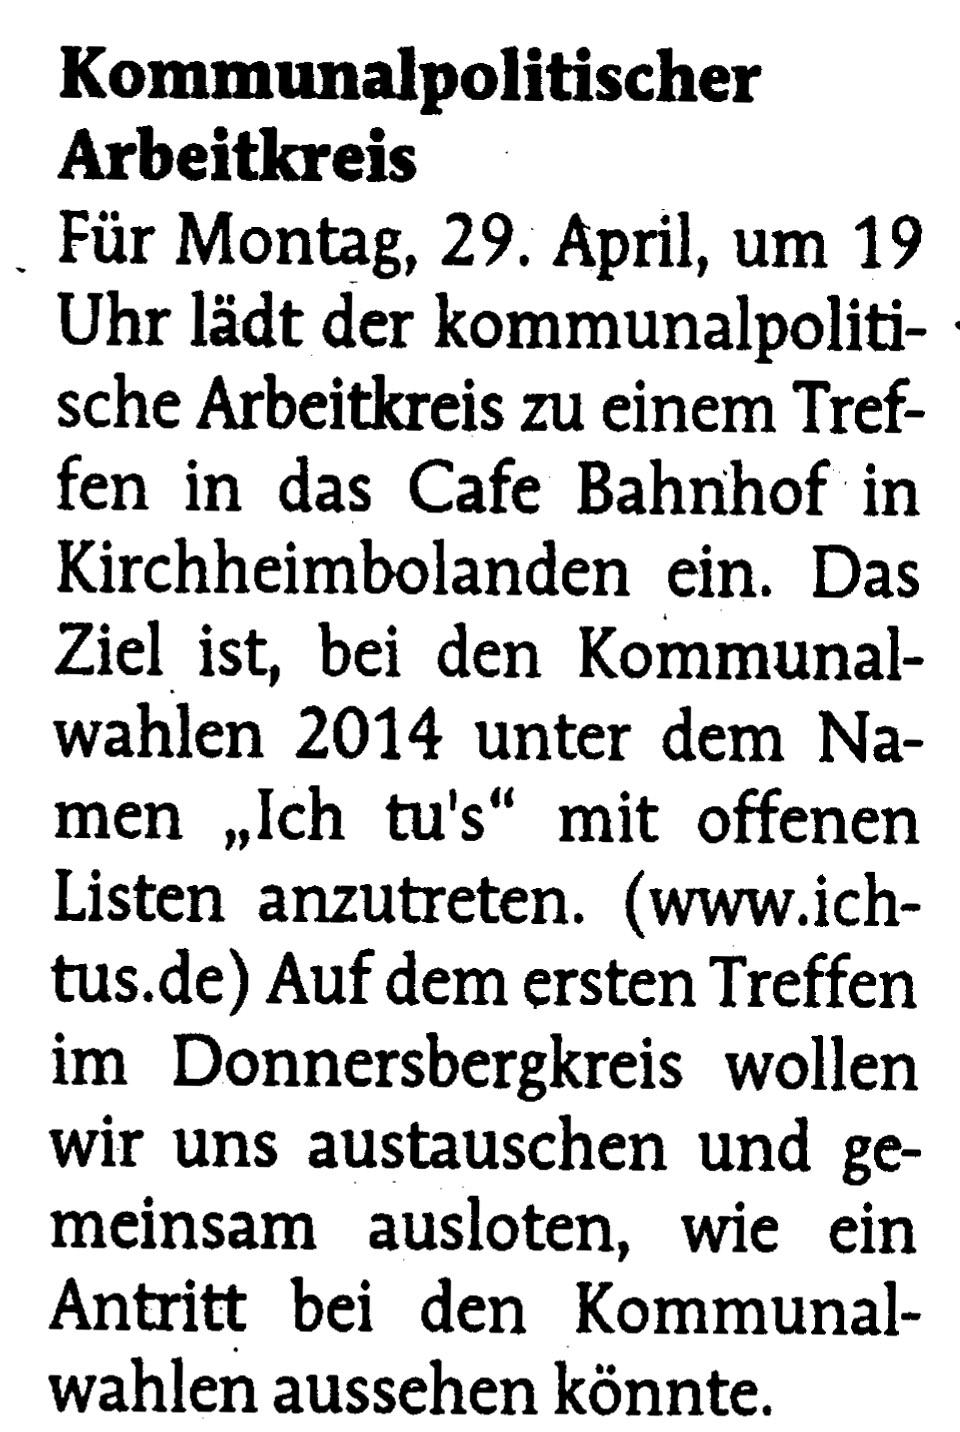 Offenes Treffen des kommunalpolitischen Arbeitskreises @ Café Bahnhof Kirchheimbolanden | Kirchheimbolanden | Rheinland-Pfalz | Deutschland